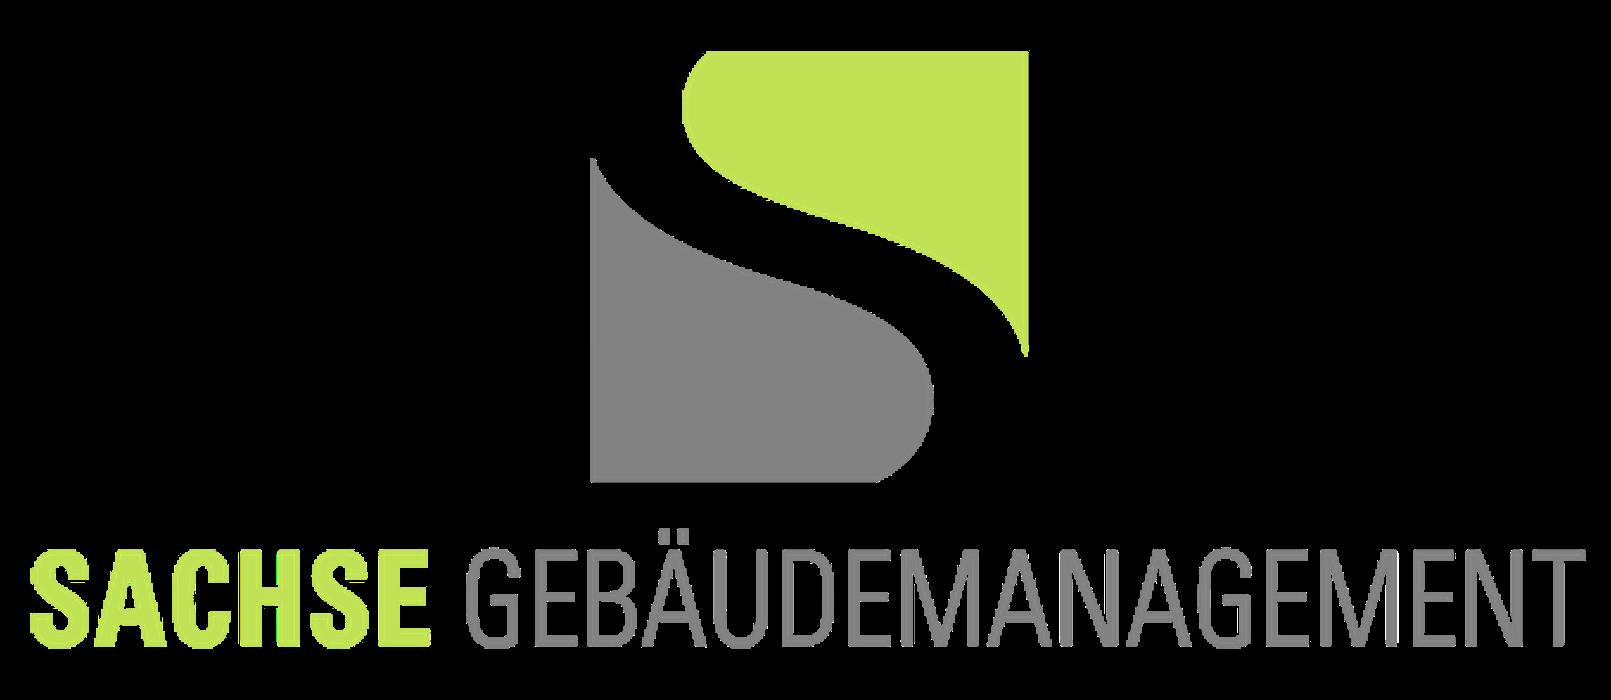 Bild zu Sachse Gebäudemanagement in Altheim Gemeinde Essenbach